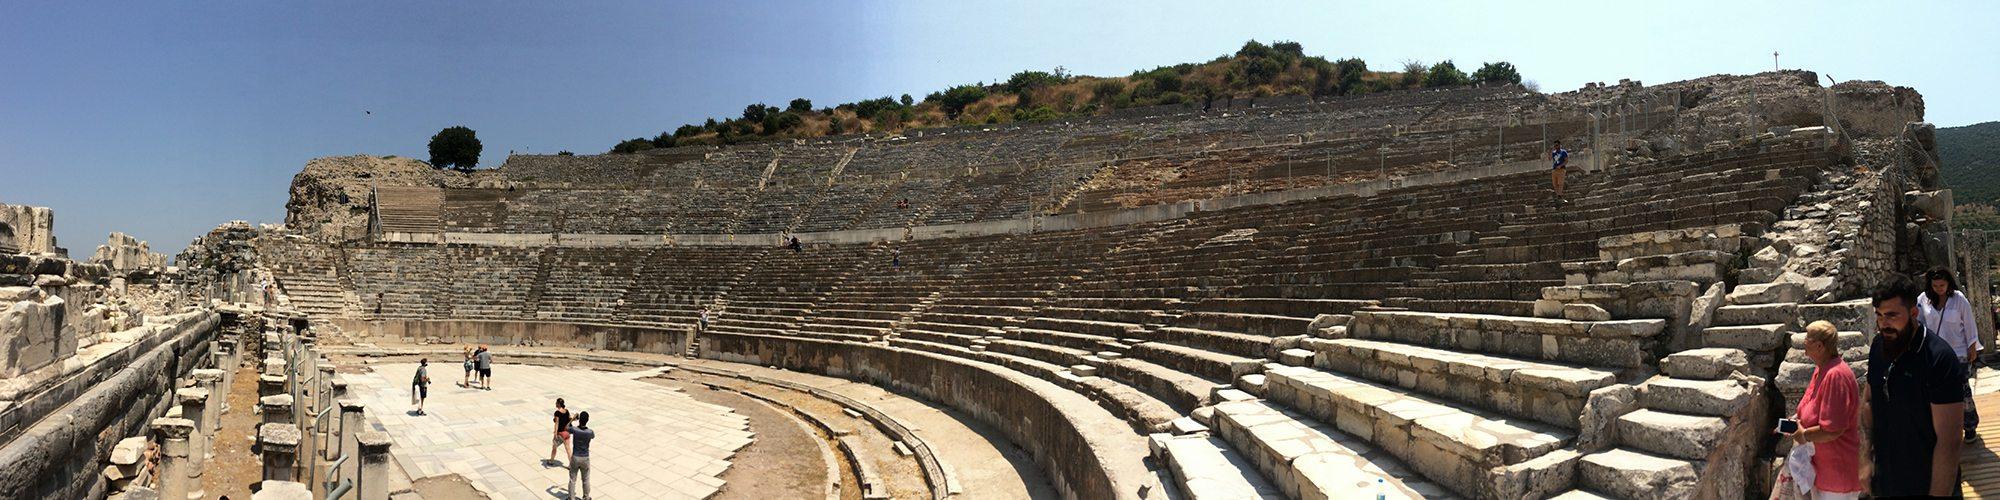 antické divadlo v Efeze